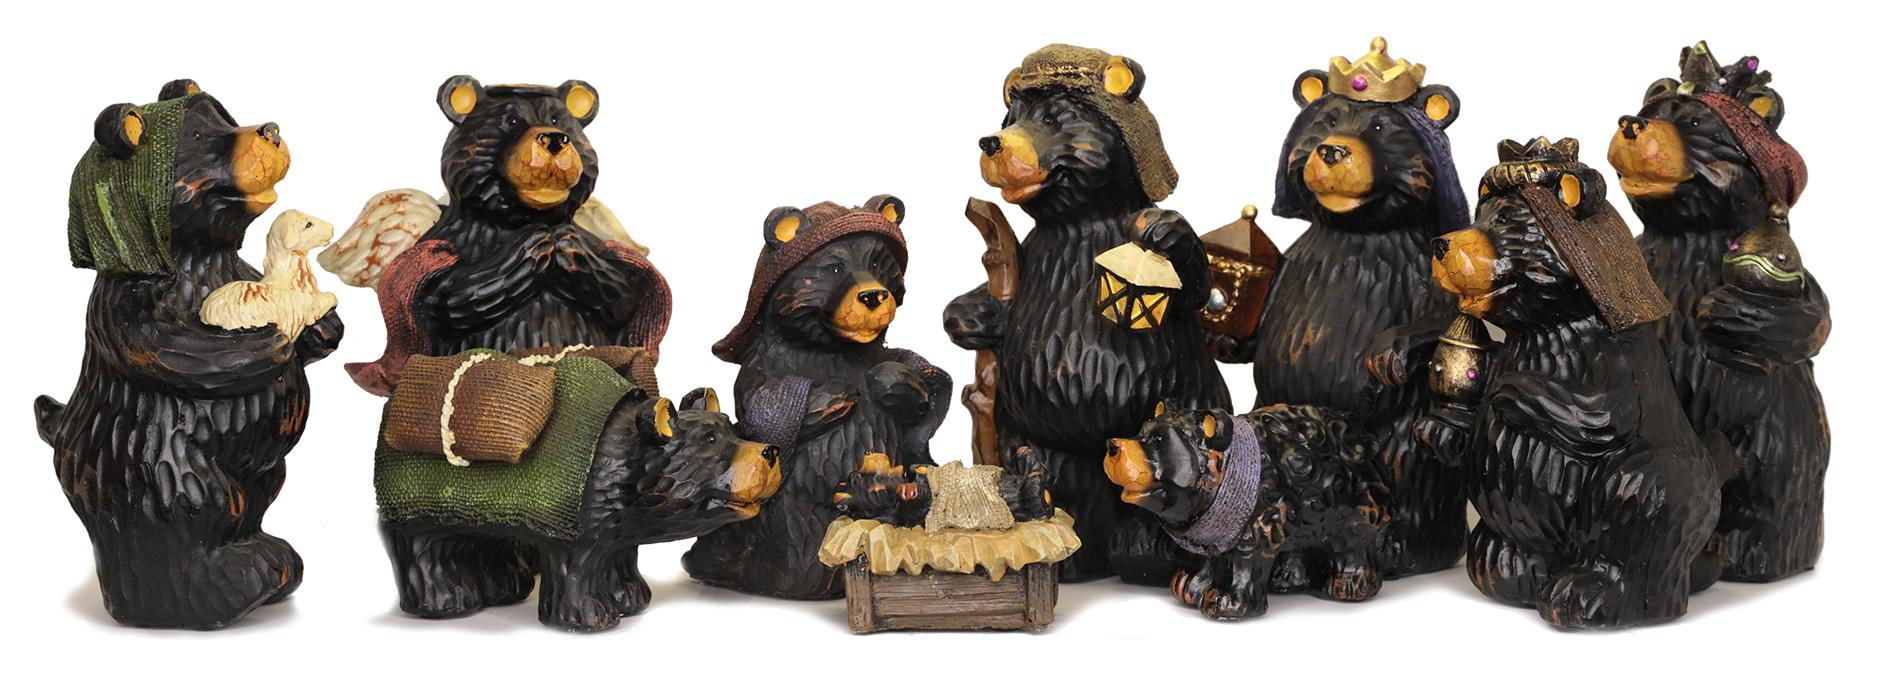 YES , It's a bear nativity scene!